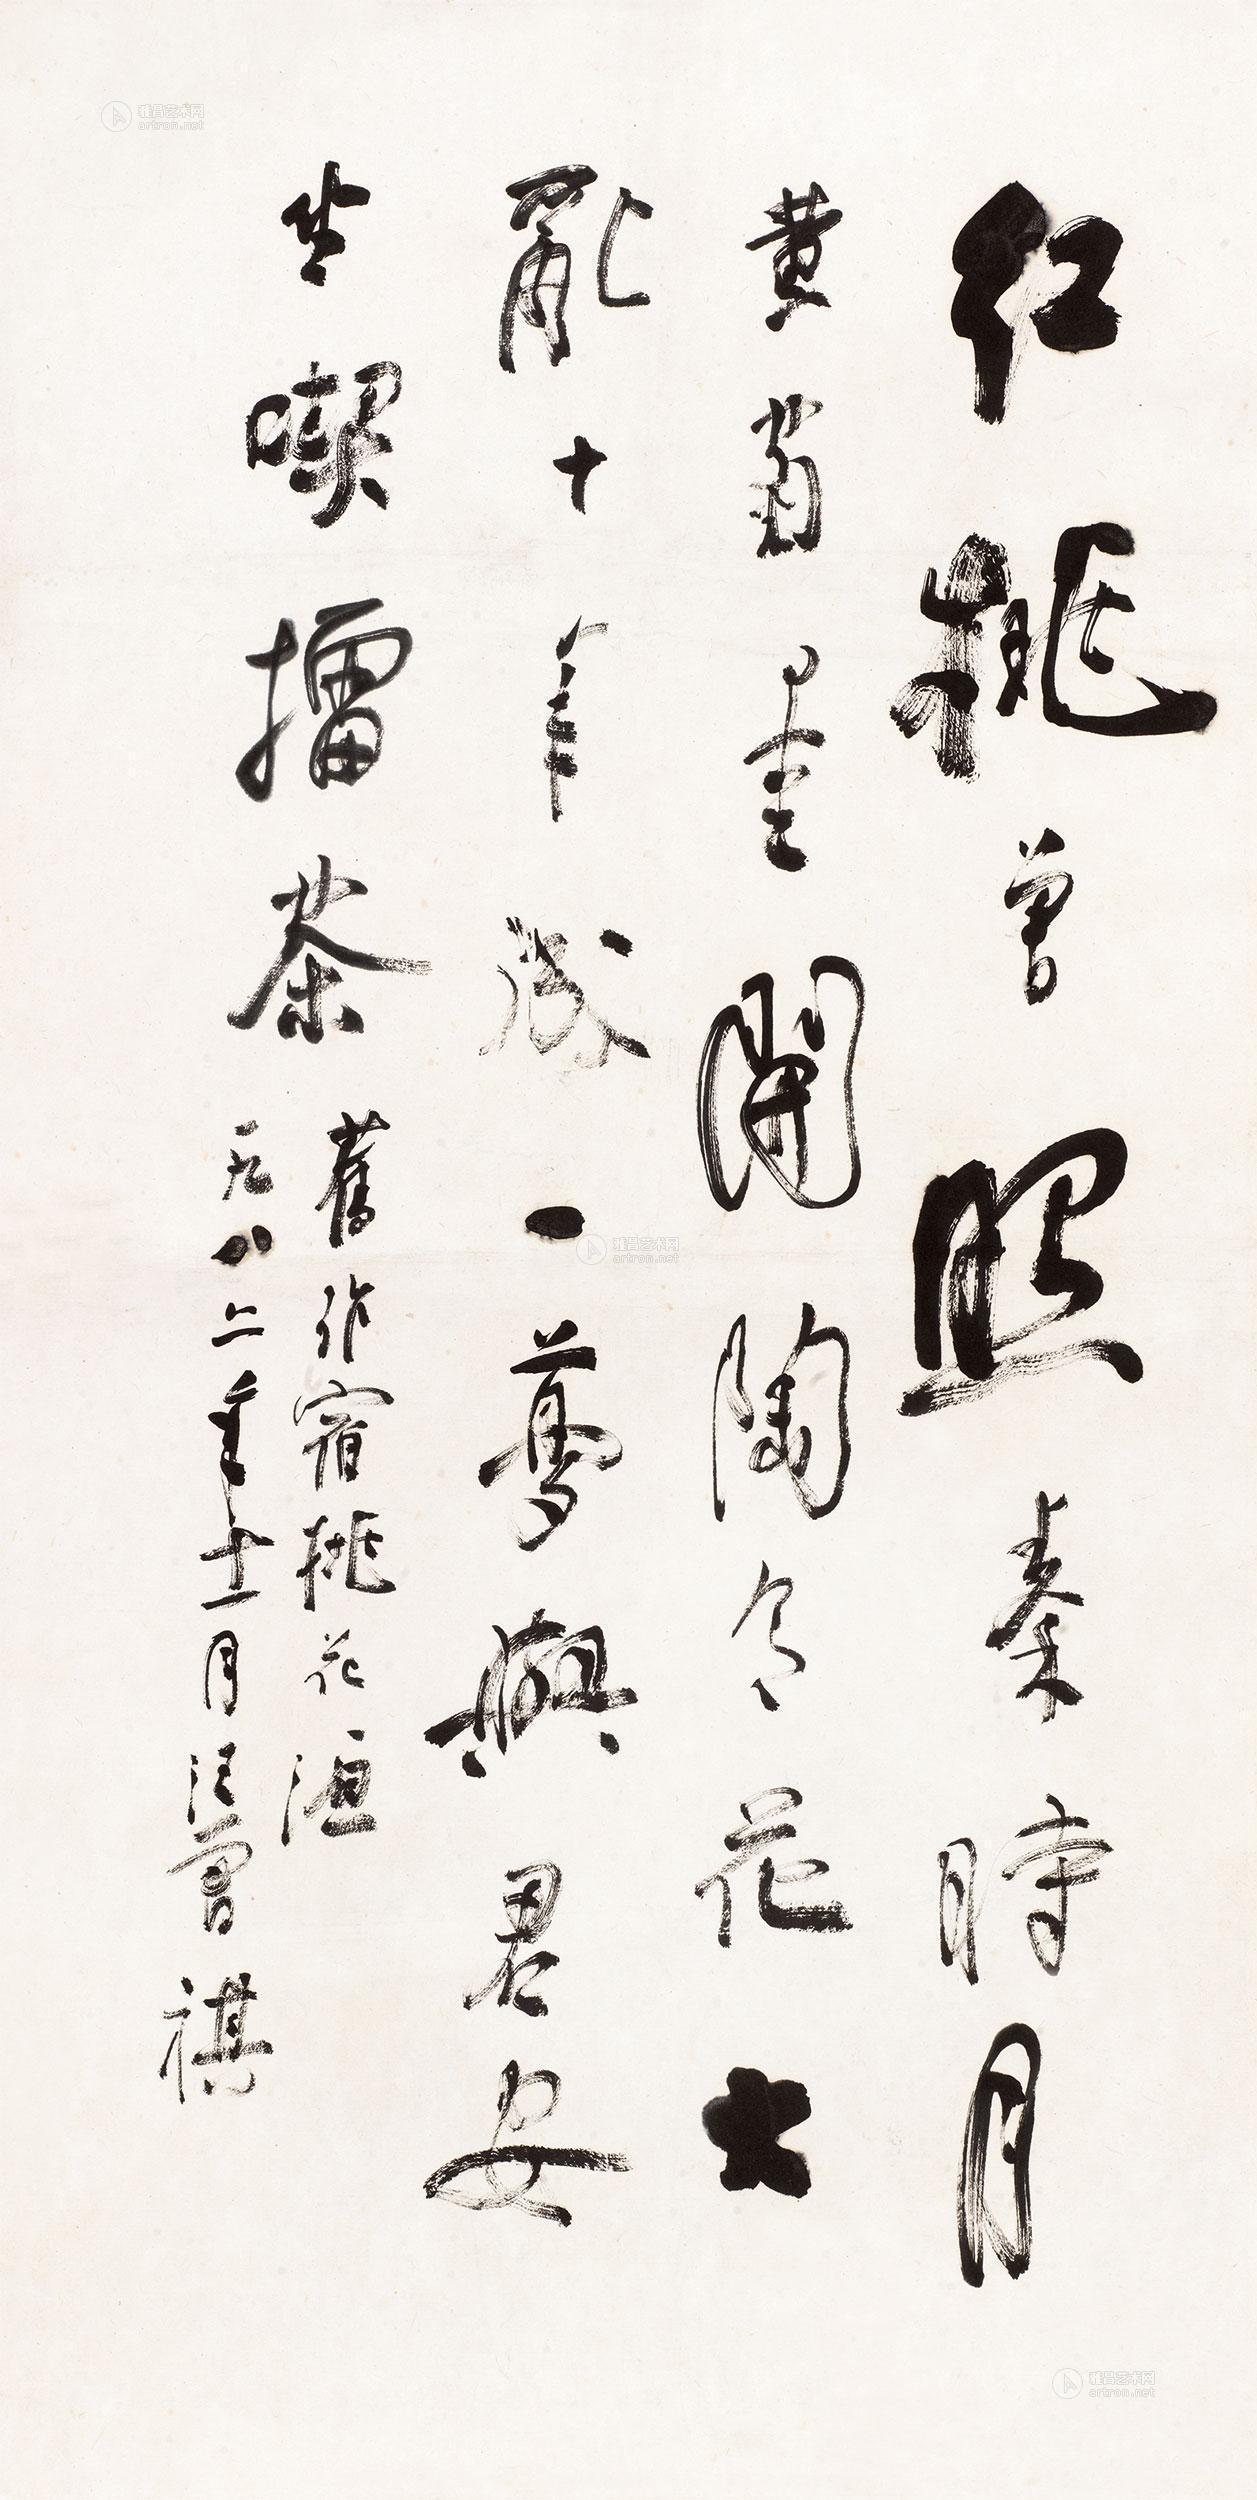 汪曾祺 行书诗 纸本立轴 1986年作 66×33.5cm